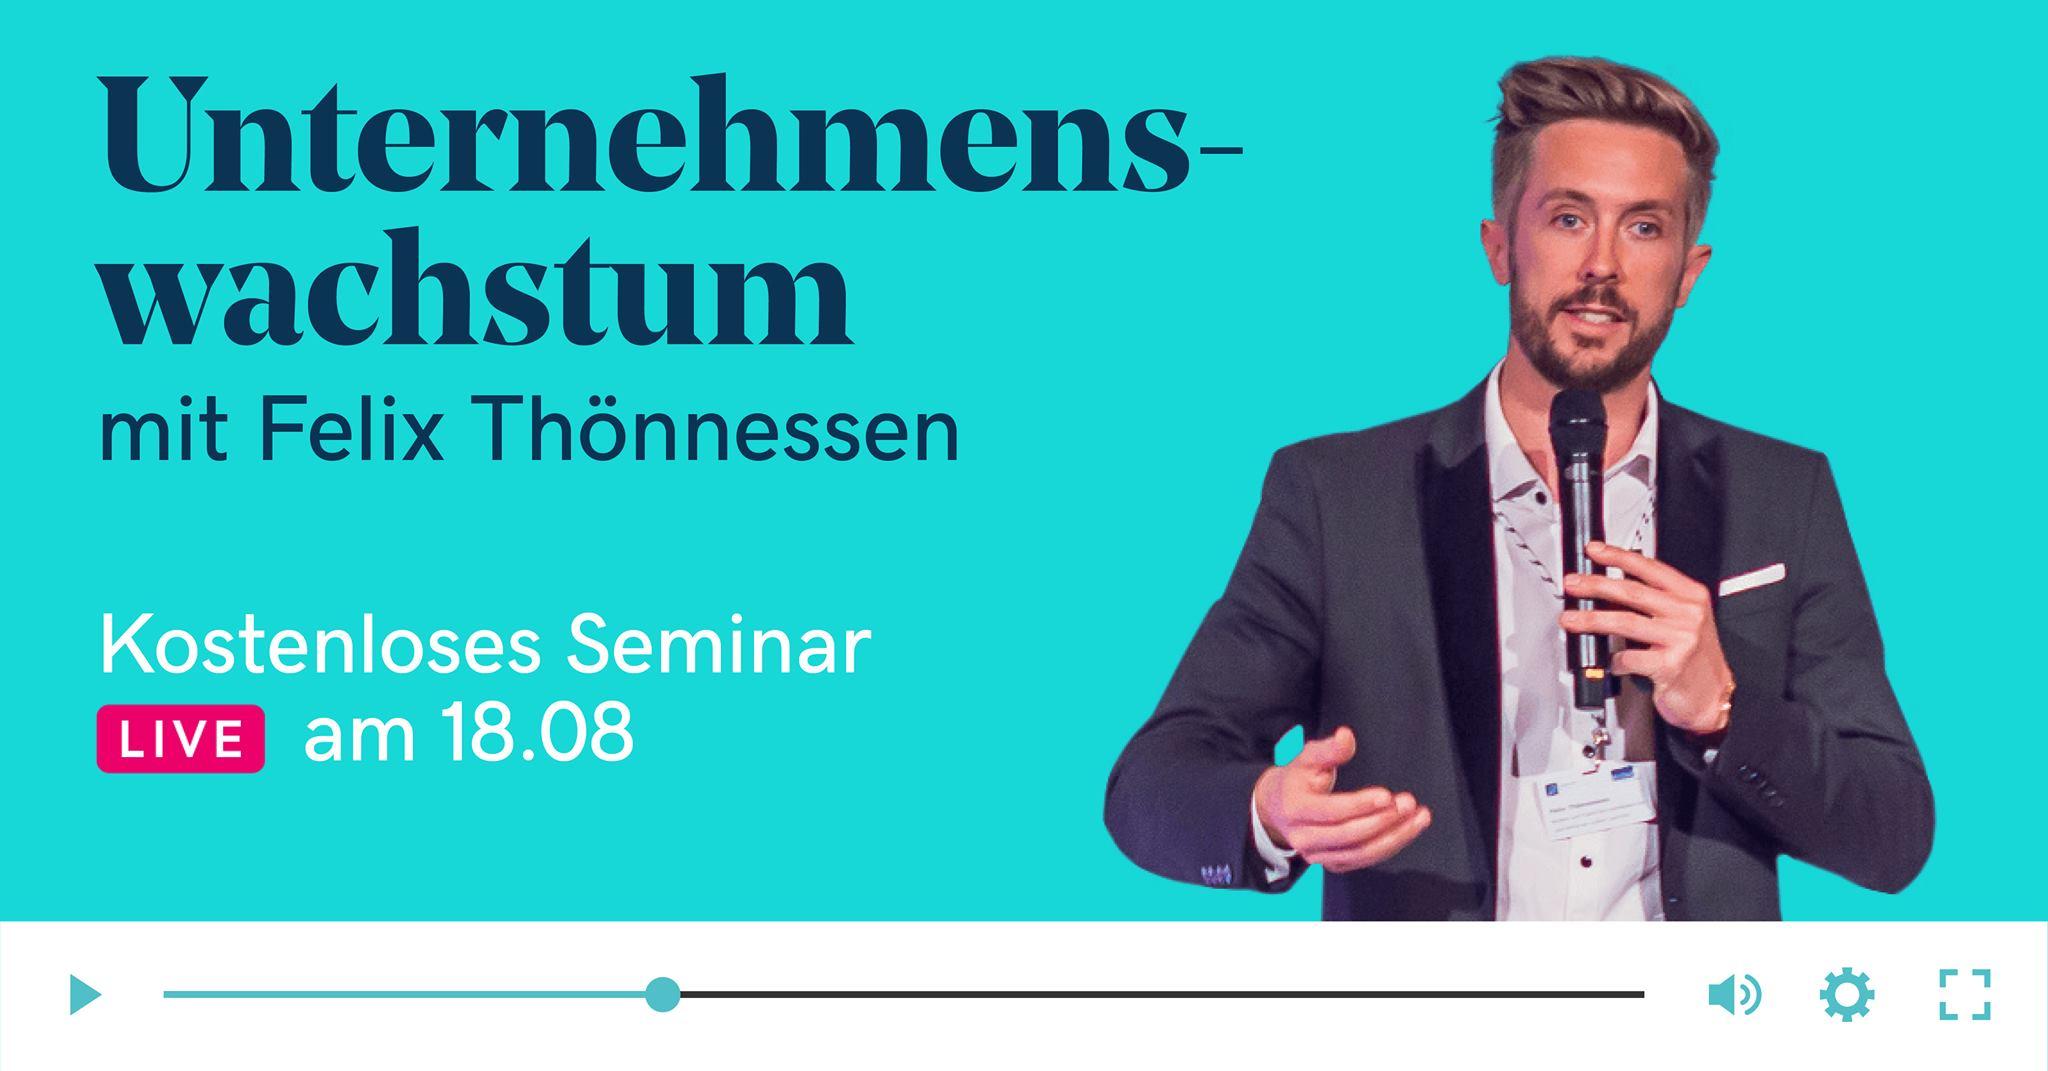 School of Digital_Felix Thönessen